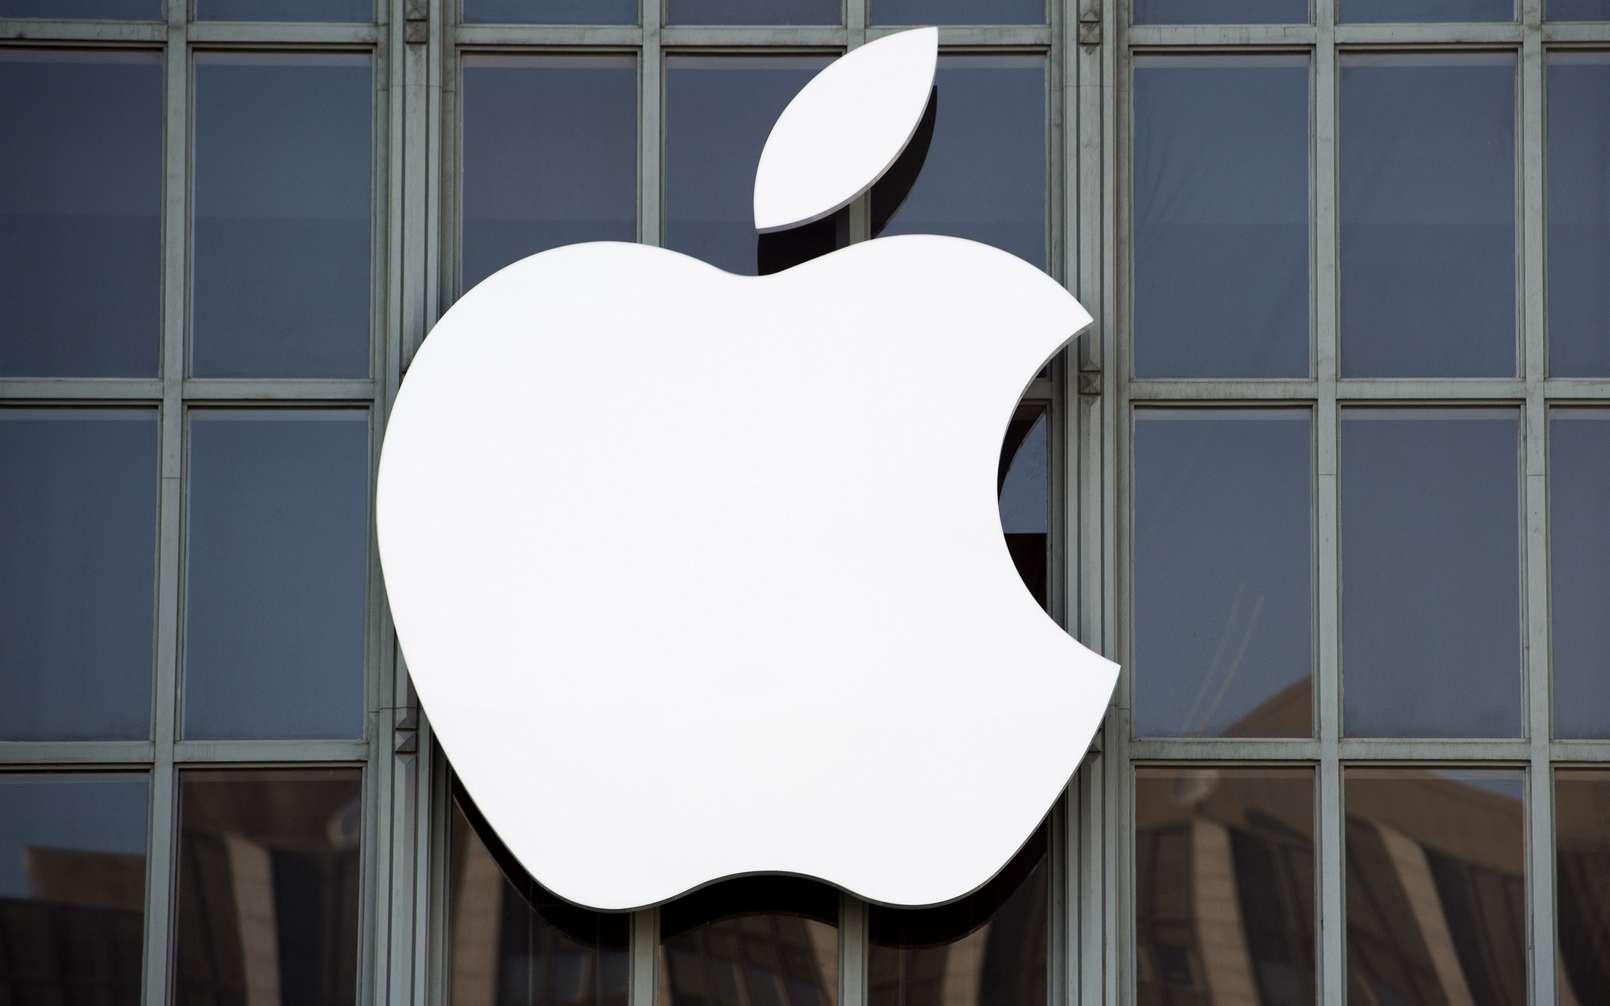 Début 2022, Apple devrait lancer une offre de musique classique en streaming dédiée aux mélomanes. © Josh Edelson/AFP